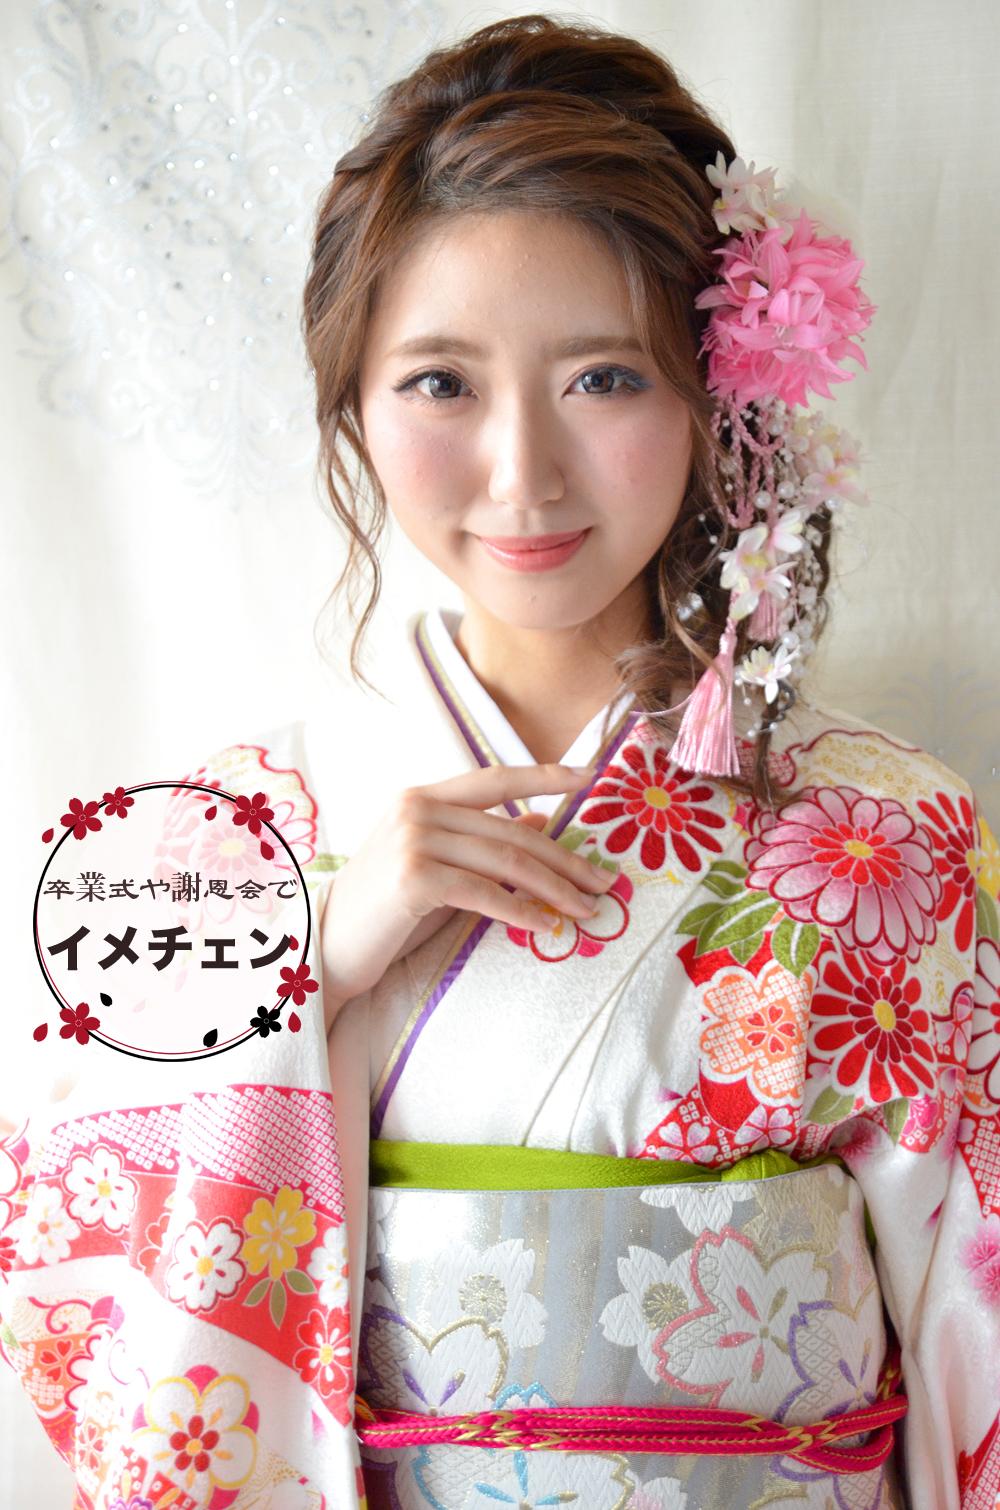 ヘッドドレス成人式 髪飾り【凜 りん】小春シリーズ